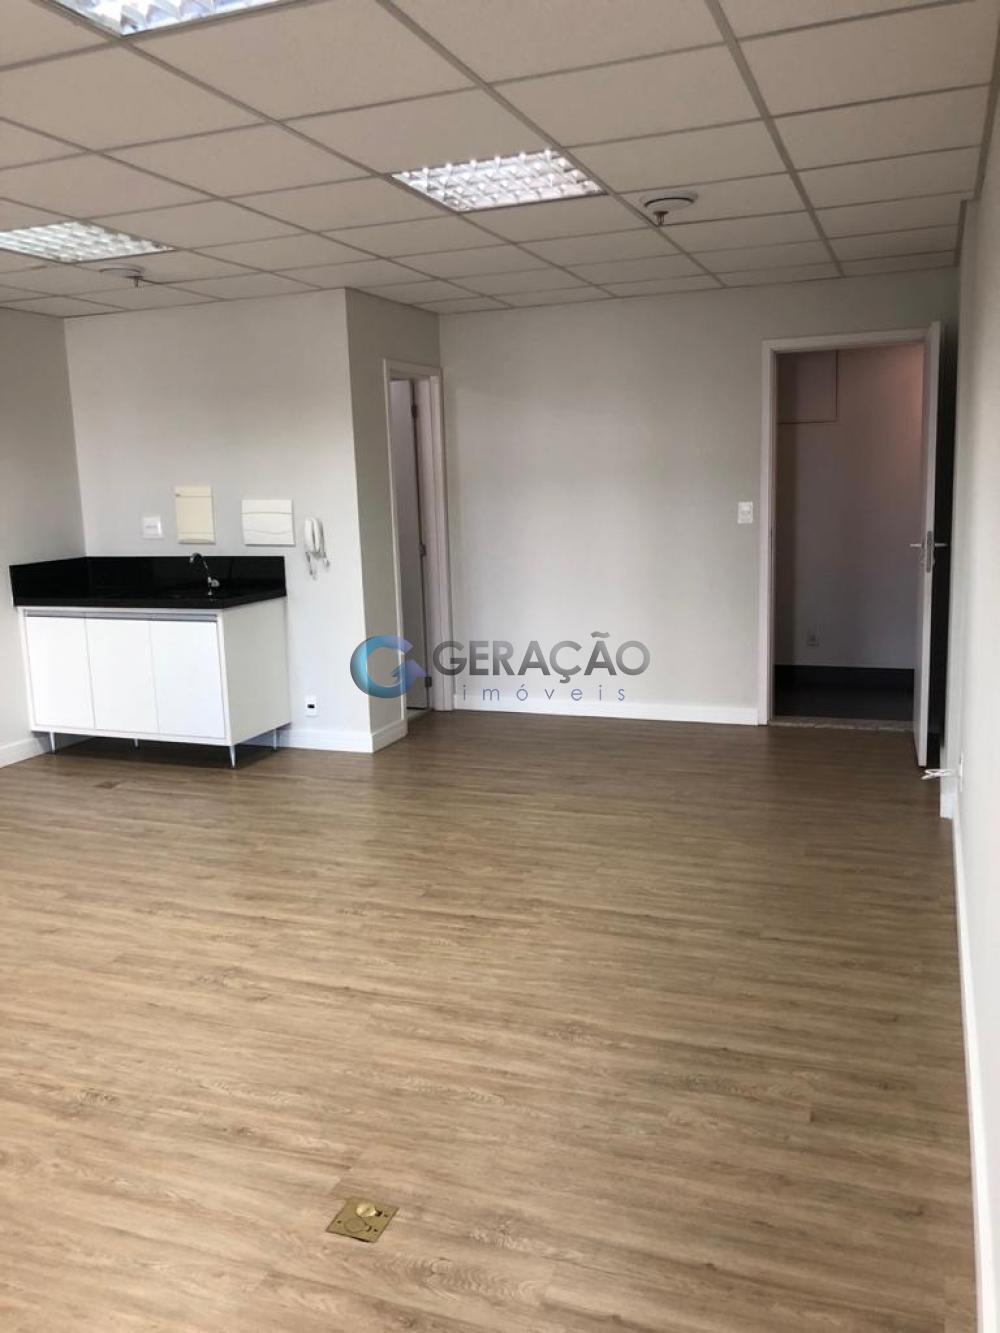 Alugar Comercial / Sala em Condomínio em São José dos Campos apenas R$ 1.400,00 - Foto 4